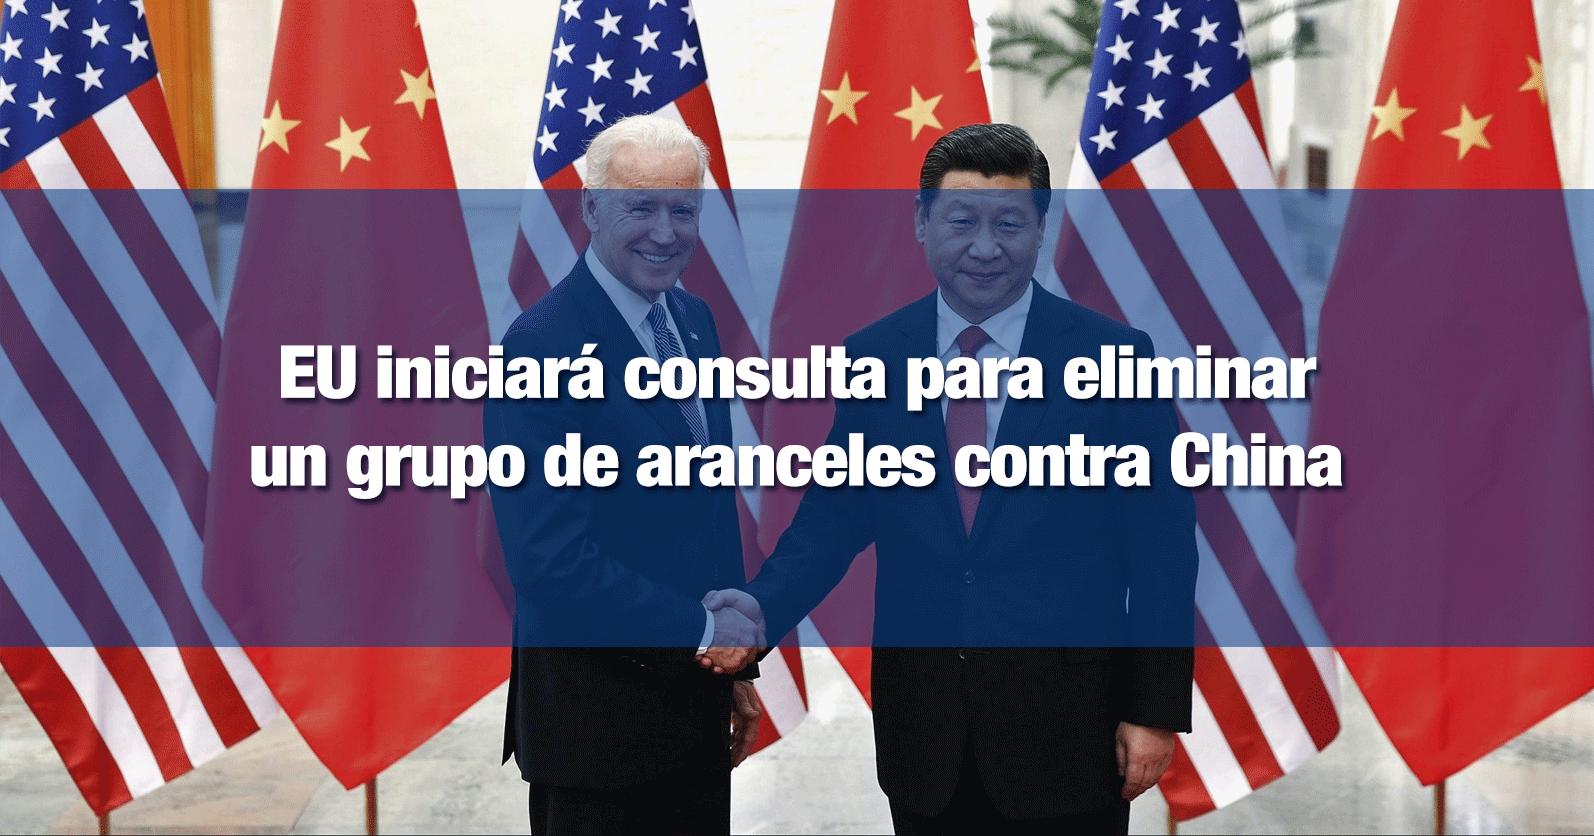 EU iniciará consulta para eliminar un grupo de aranceles contra China